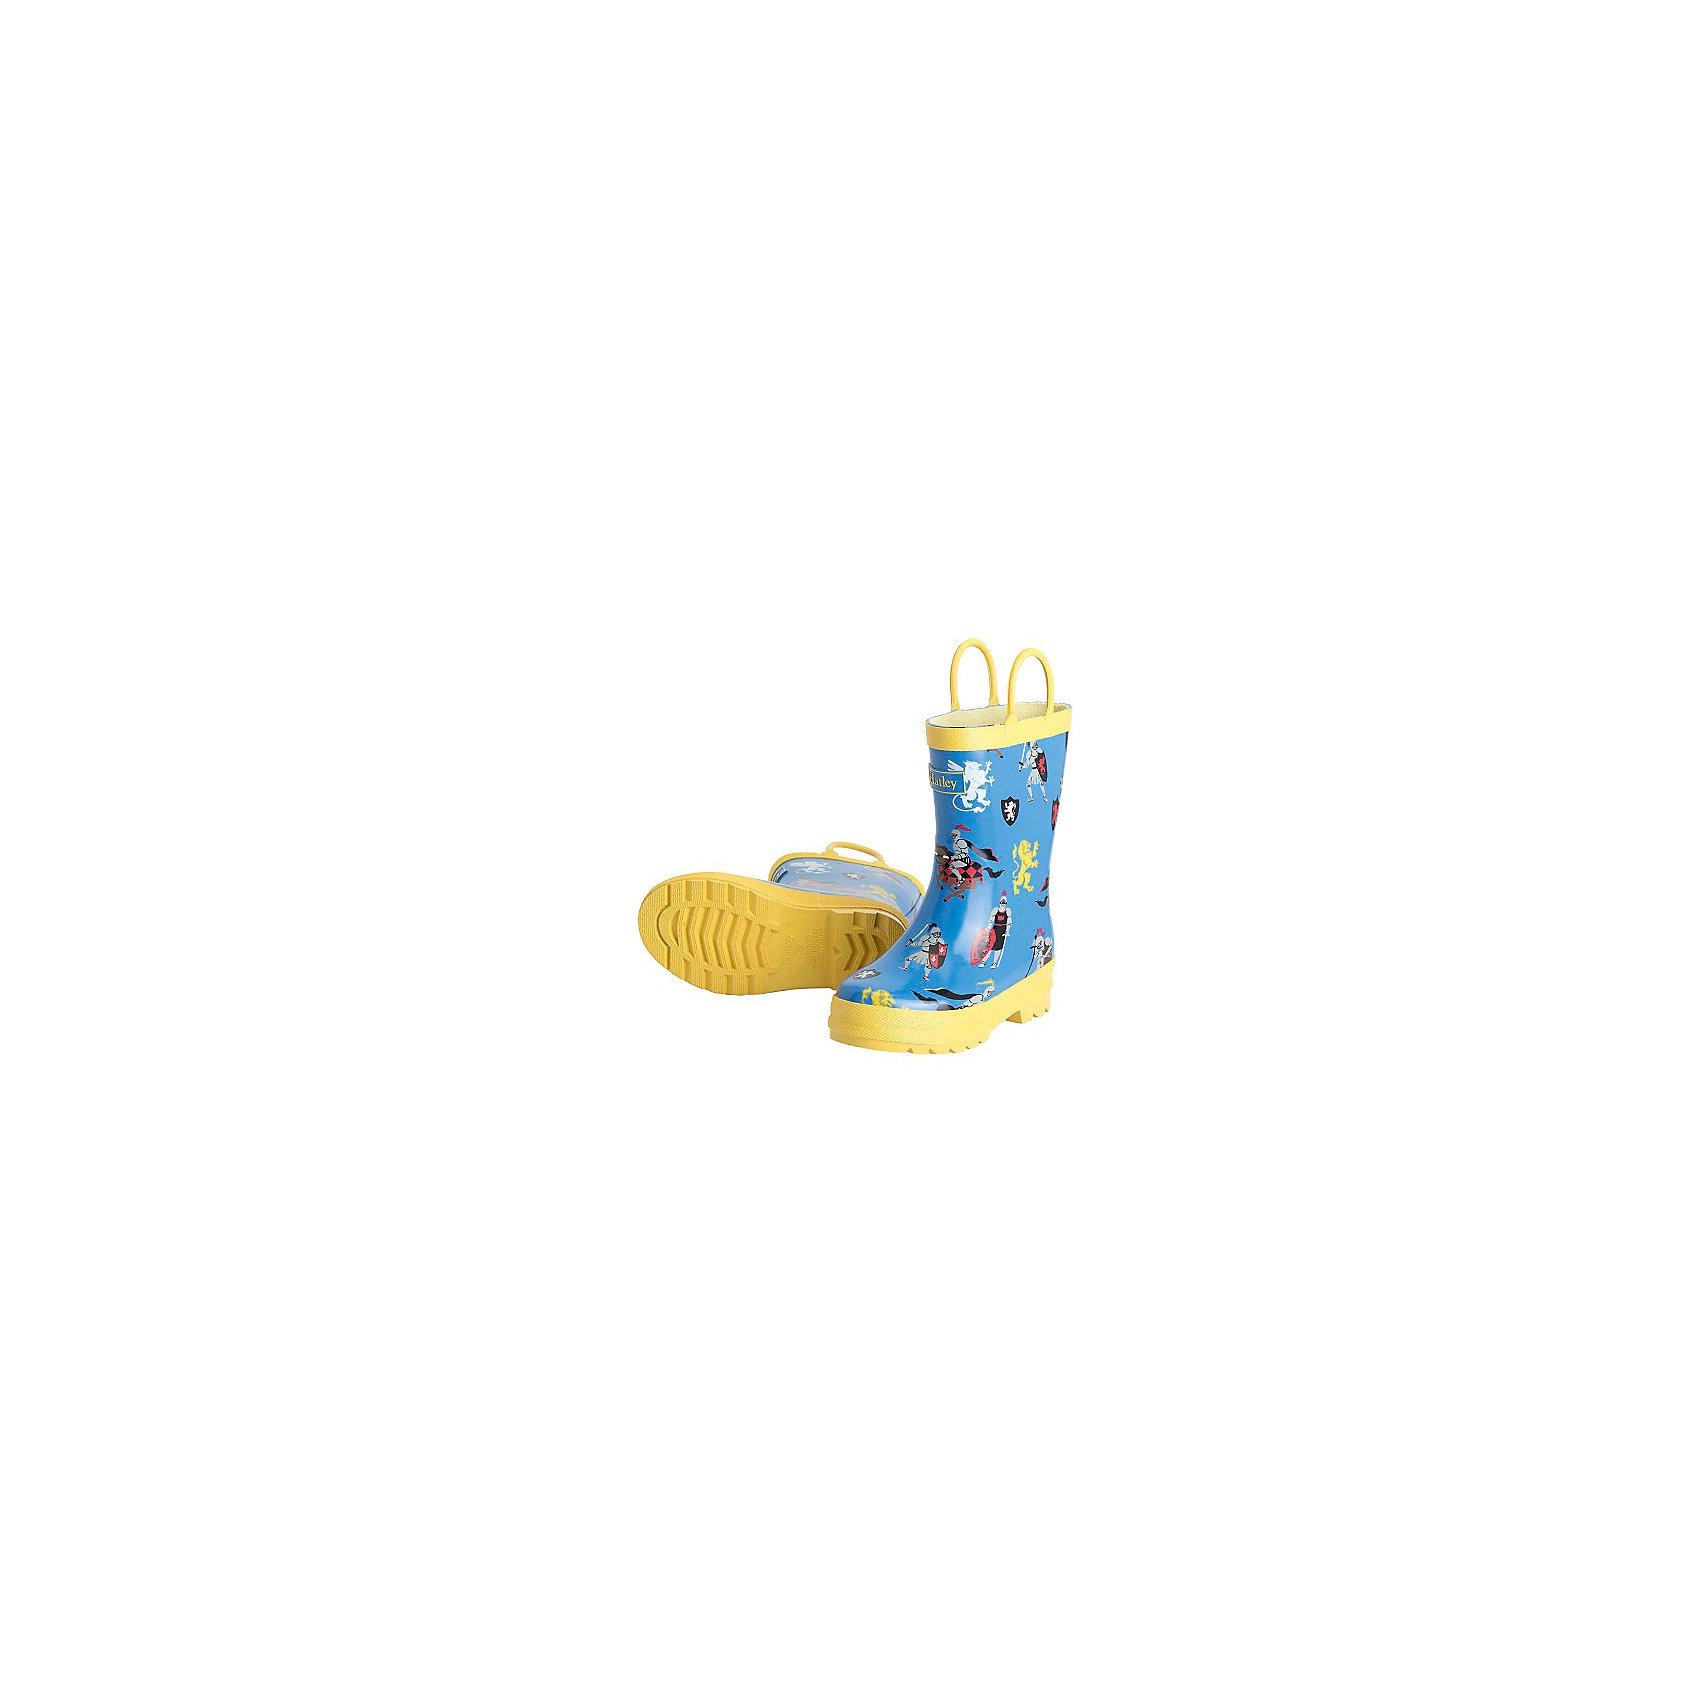 Резиновые сапоги для мальчика HatleyРезиновые сапоги<br>Резиновые сапоги для мальчика Hatley<br><br>Характеристики:<br><br>• Состав: верх - каучук синтетический 100%, подкладка - 100% хлопок<br>• Цвет: желтый, голубой<br><br>Яркие, стильные и модные резиновые сапоги для мальчика сделаны из высококачественных материалов. Резина сока каучуковых деревьев не даст ножкам промокнуть, а хлопковая подкладка защитит от холода. Внутри есть стелька с аркой, которая способствует правильному формированию стопы. По бокам есть удобные ручки. <br><br>Резиновые сапоги для мальчика Hatley можно купить в нашем интернет-магазине.<br><br>Ширина мм: 237<br>Глубина мм: 180<br>Высота мм: 152<br>Вес г: 438<br>Цвет: голубой<br>Возраст от месяцев: 21<br>Возраст до месяцев: 24<br>Пол: Мужской<br>Возраст: Детский<br>Размер: 24,22,23<br>SKU: 5020884